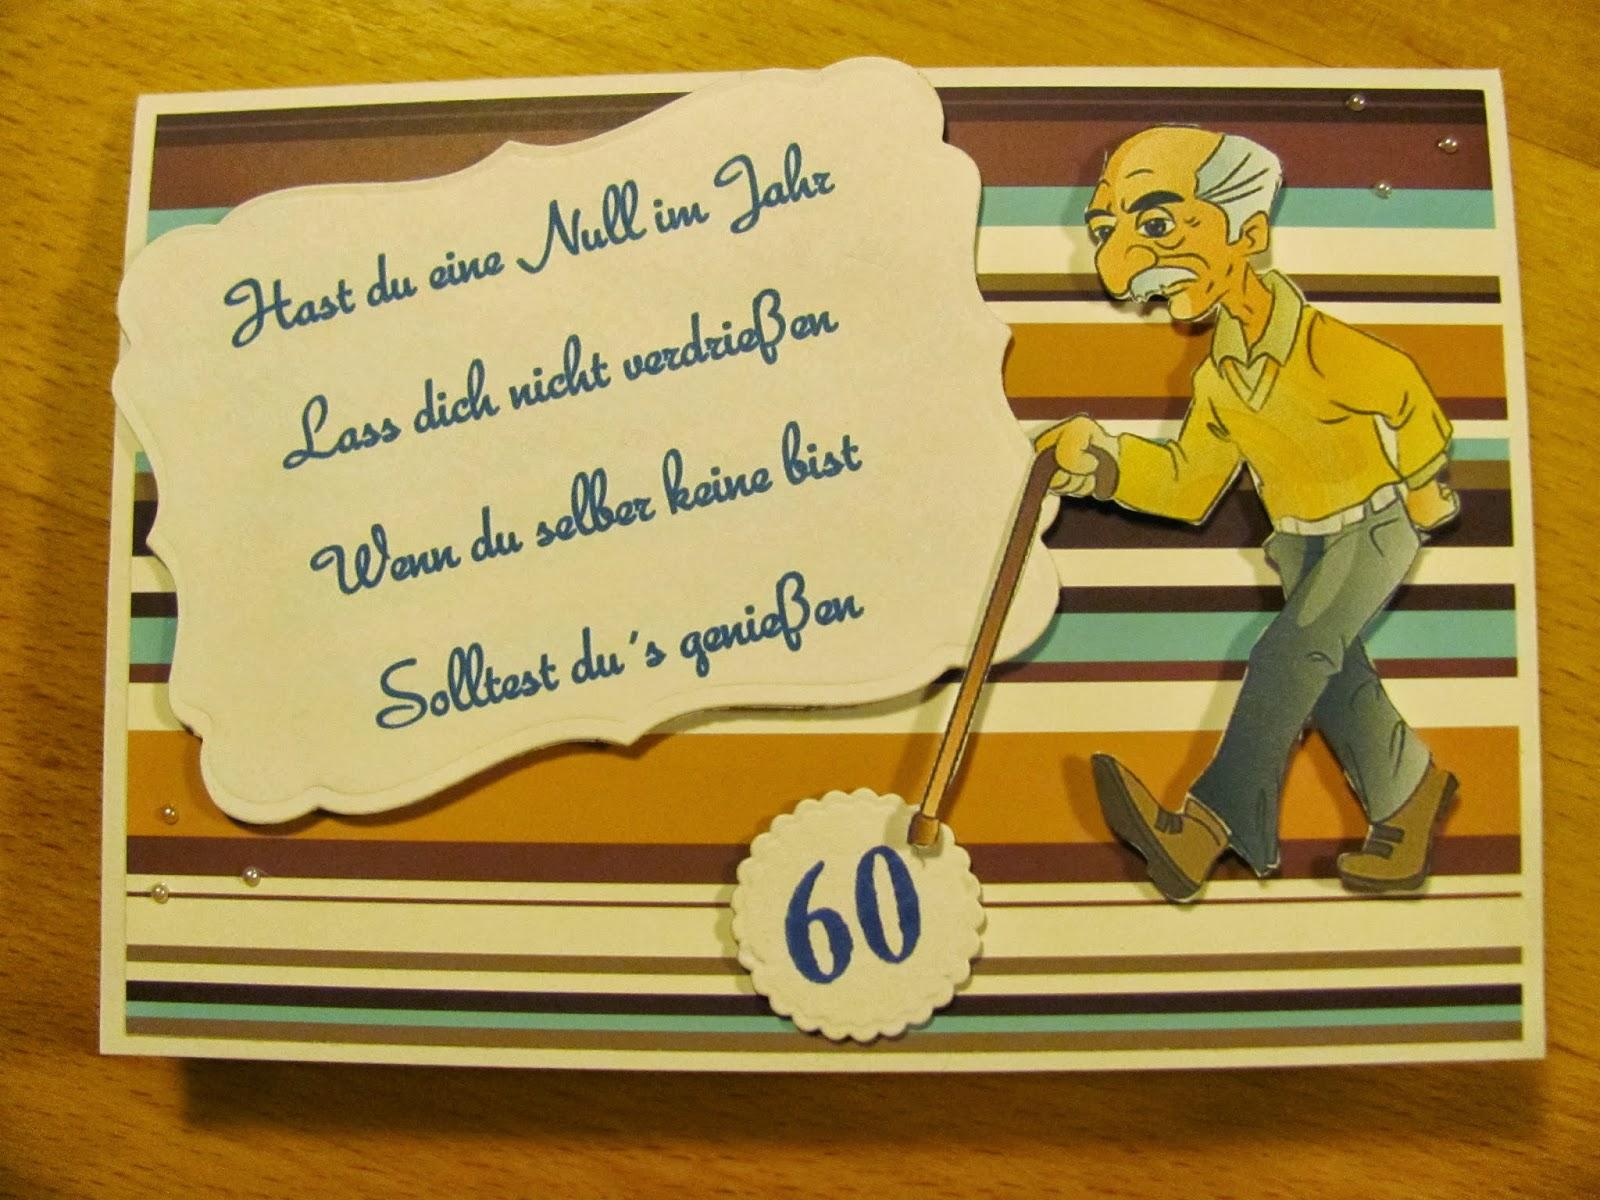 Gluckwunsche Zum 60 Geburtstag